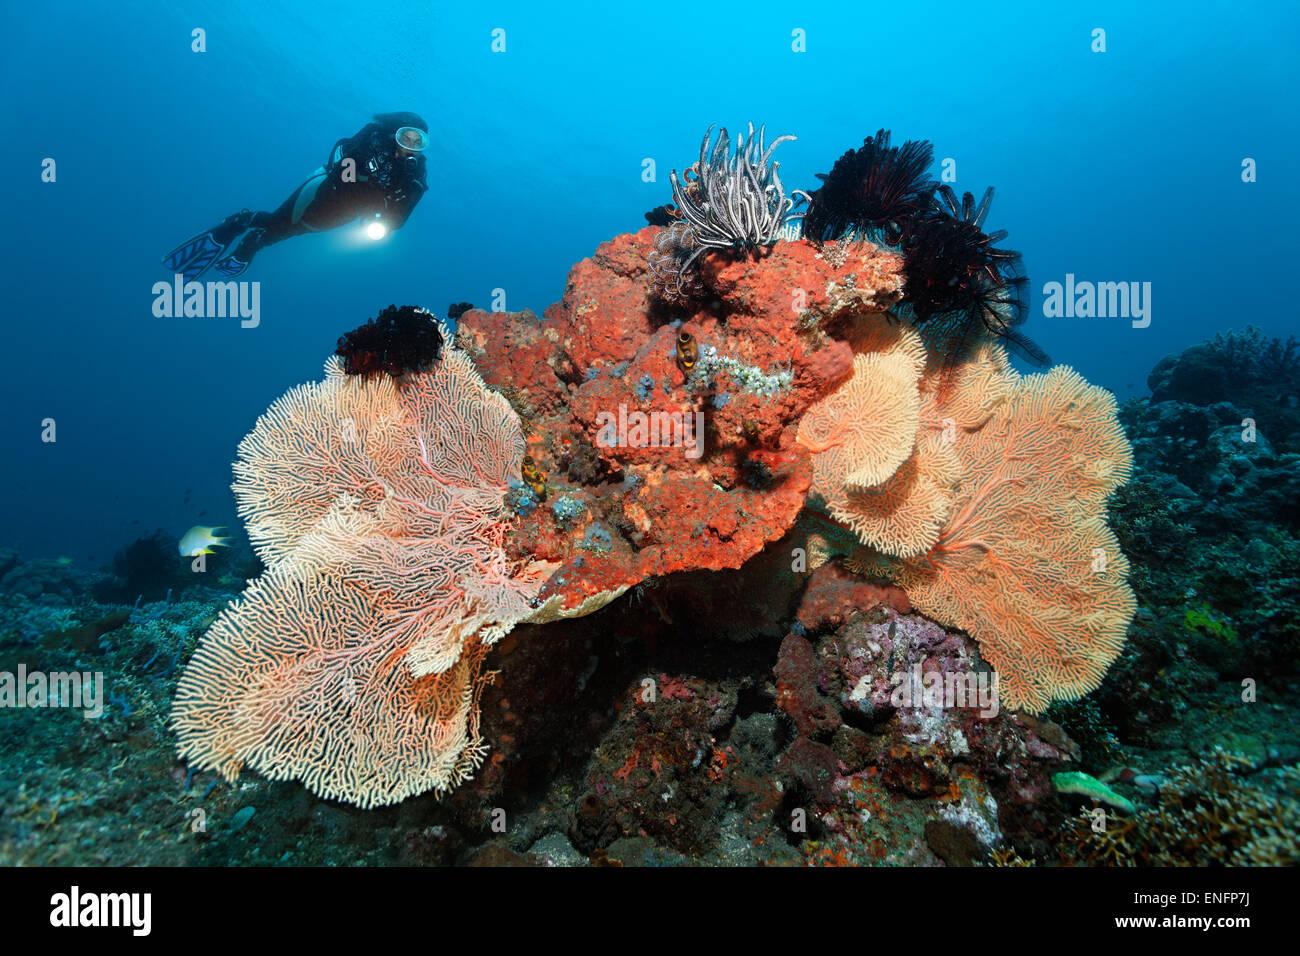 Au coral reef à plongeur avec divers coraux, éponges et crinoïdes, Bali Photo Stock